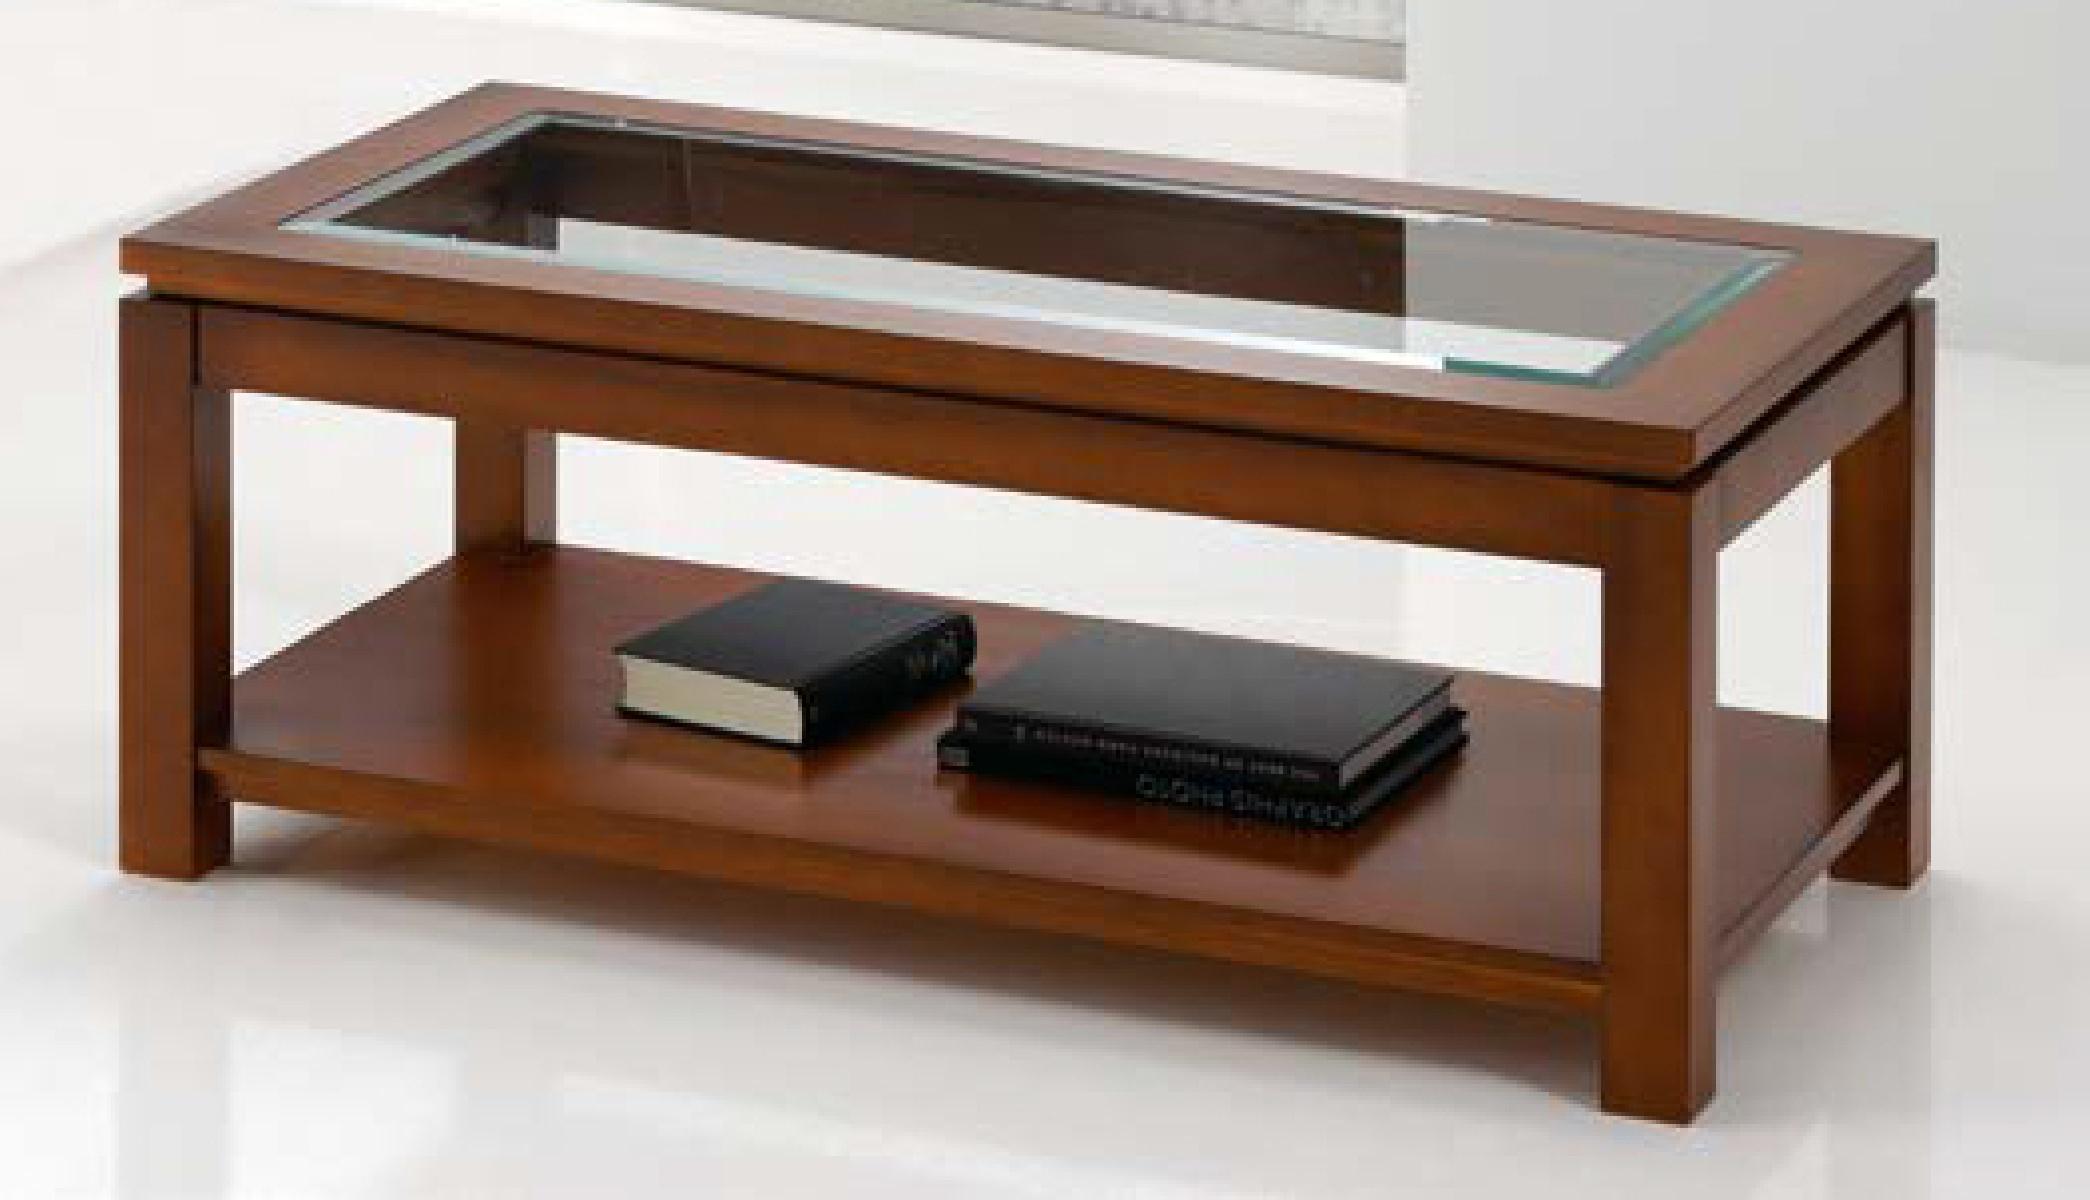 Журнальный стол прямоугольный 41 Disemobel